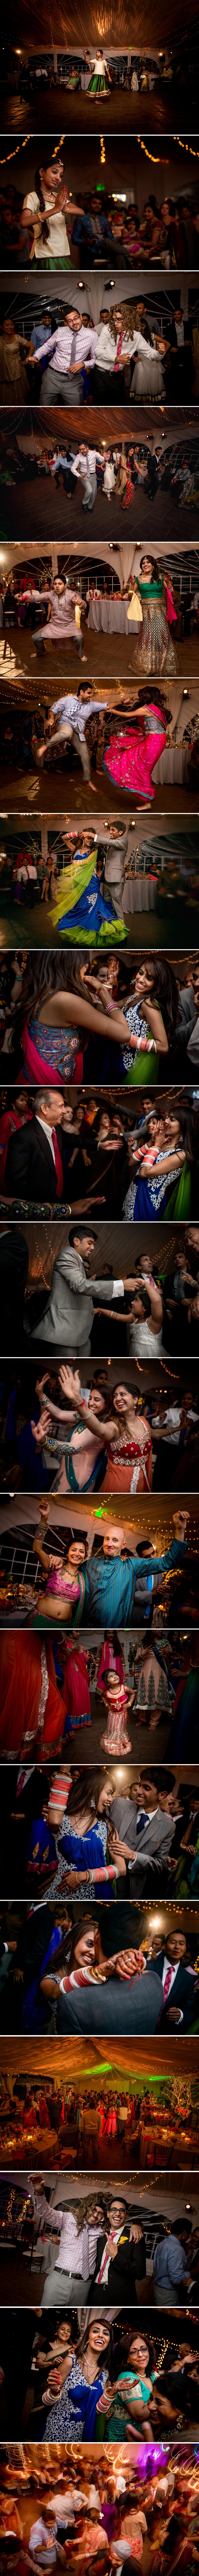 Viansa Winery Wedding 7